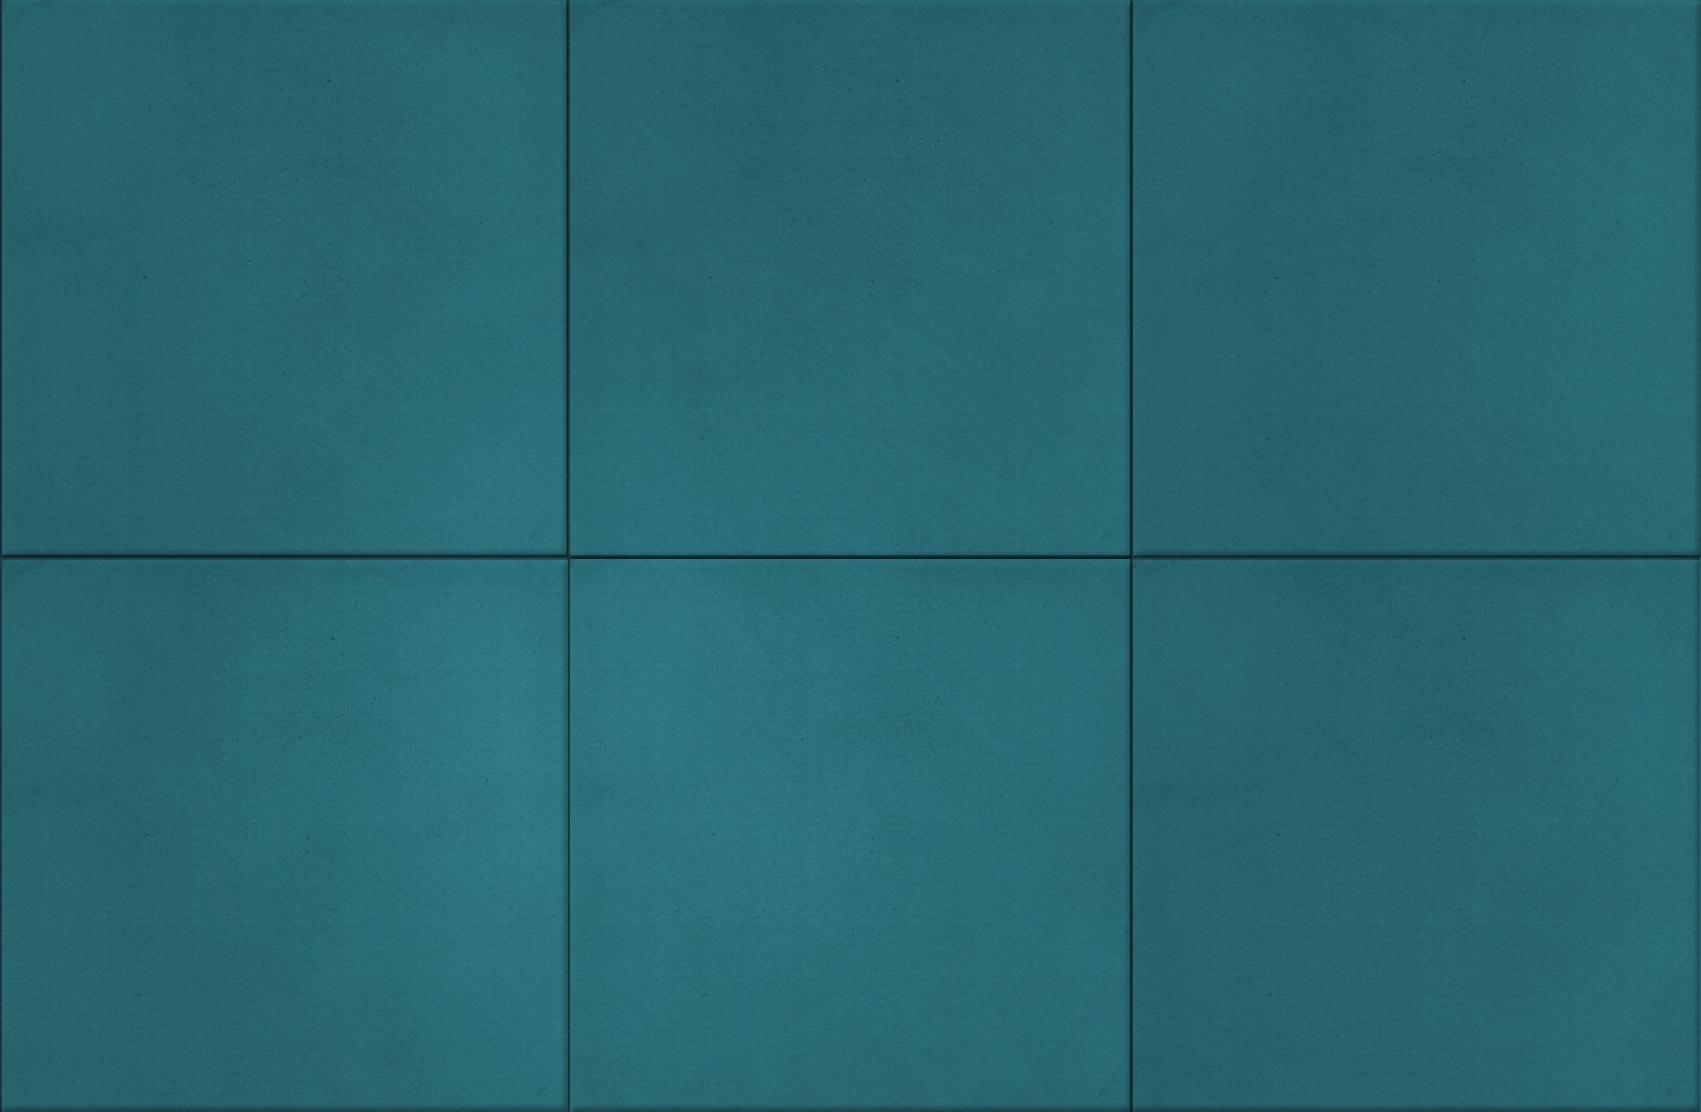 Carreaux de ciments unis colorisation bleu canard b4 for Bleu canard fonce